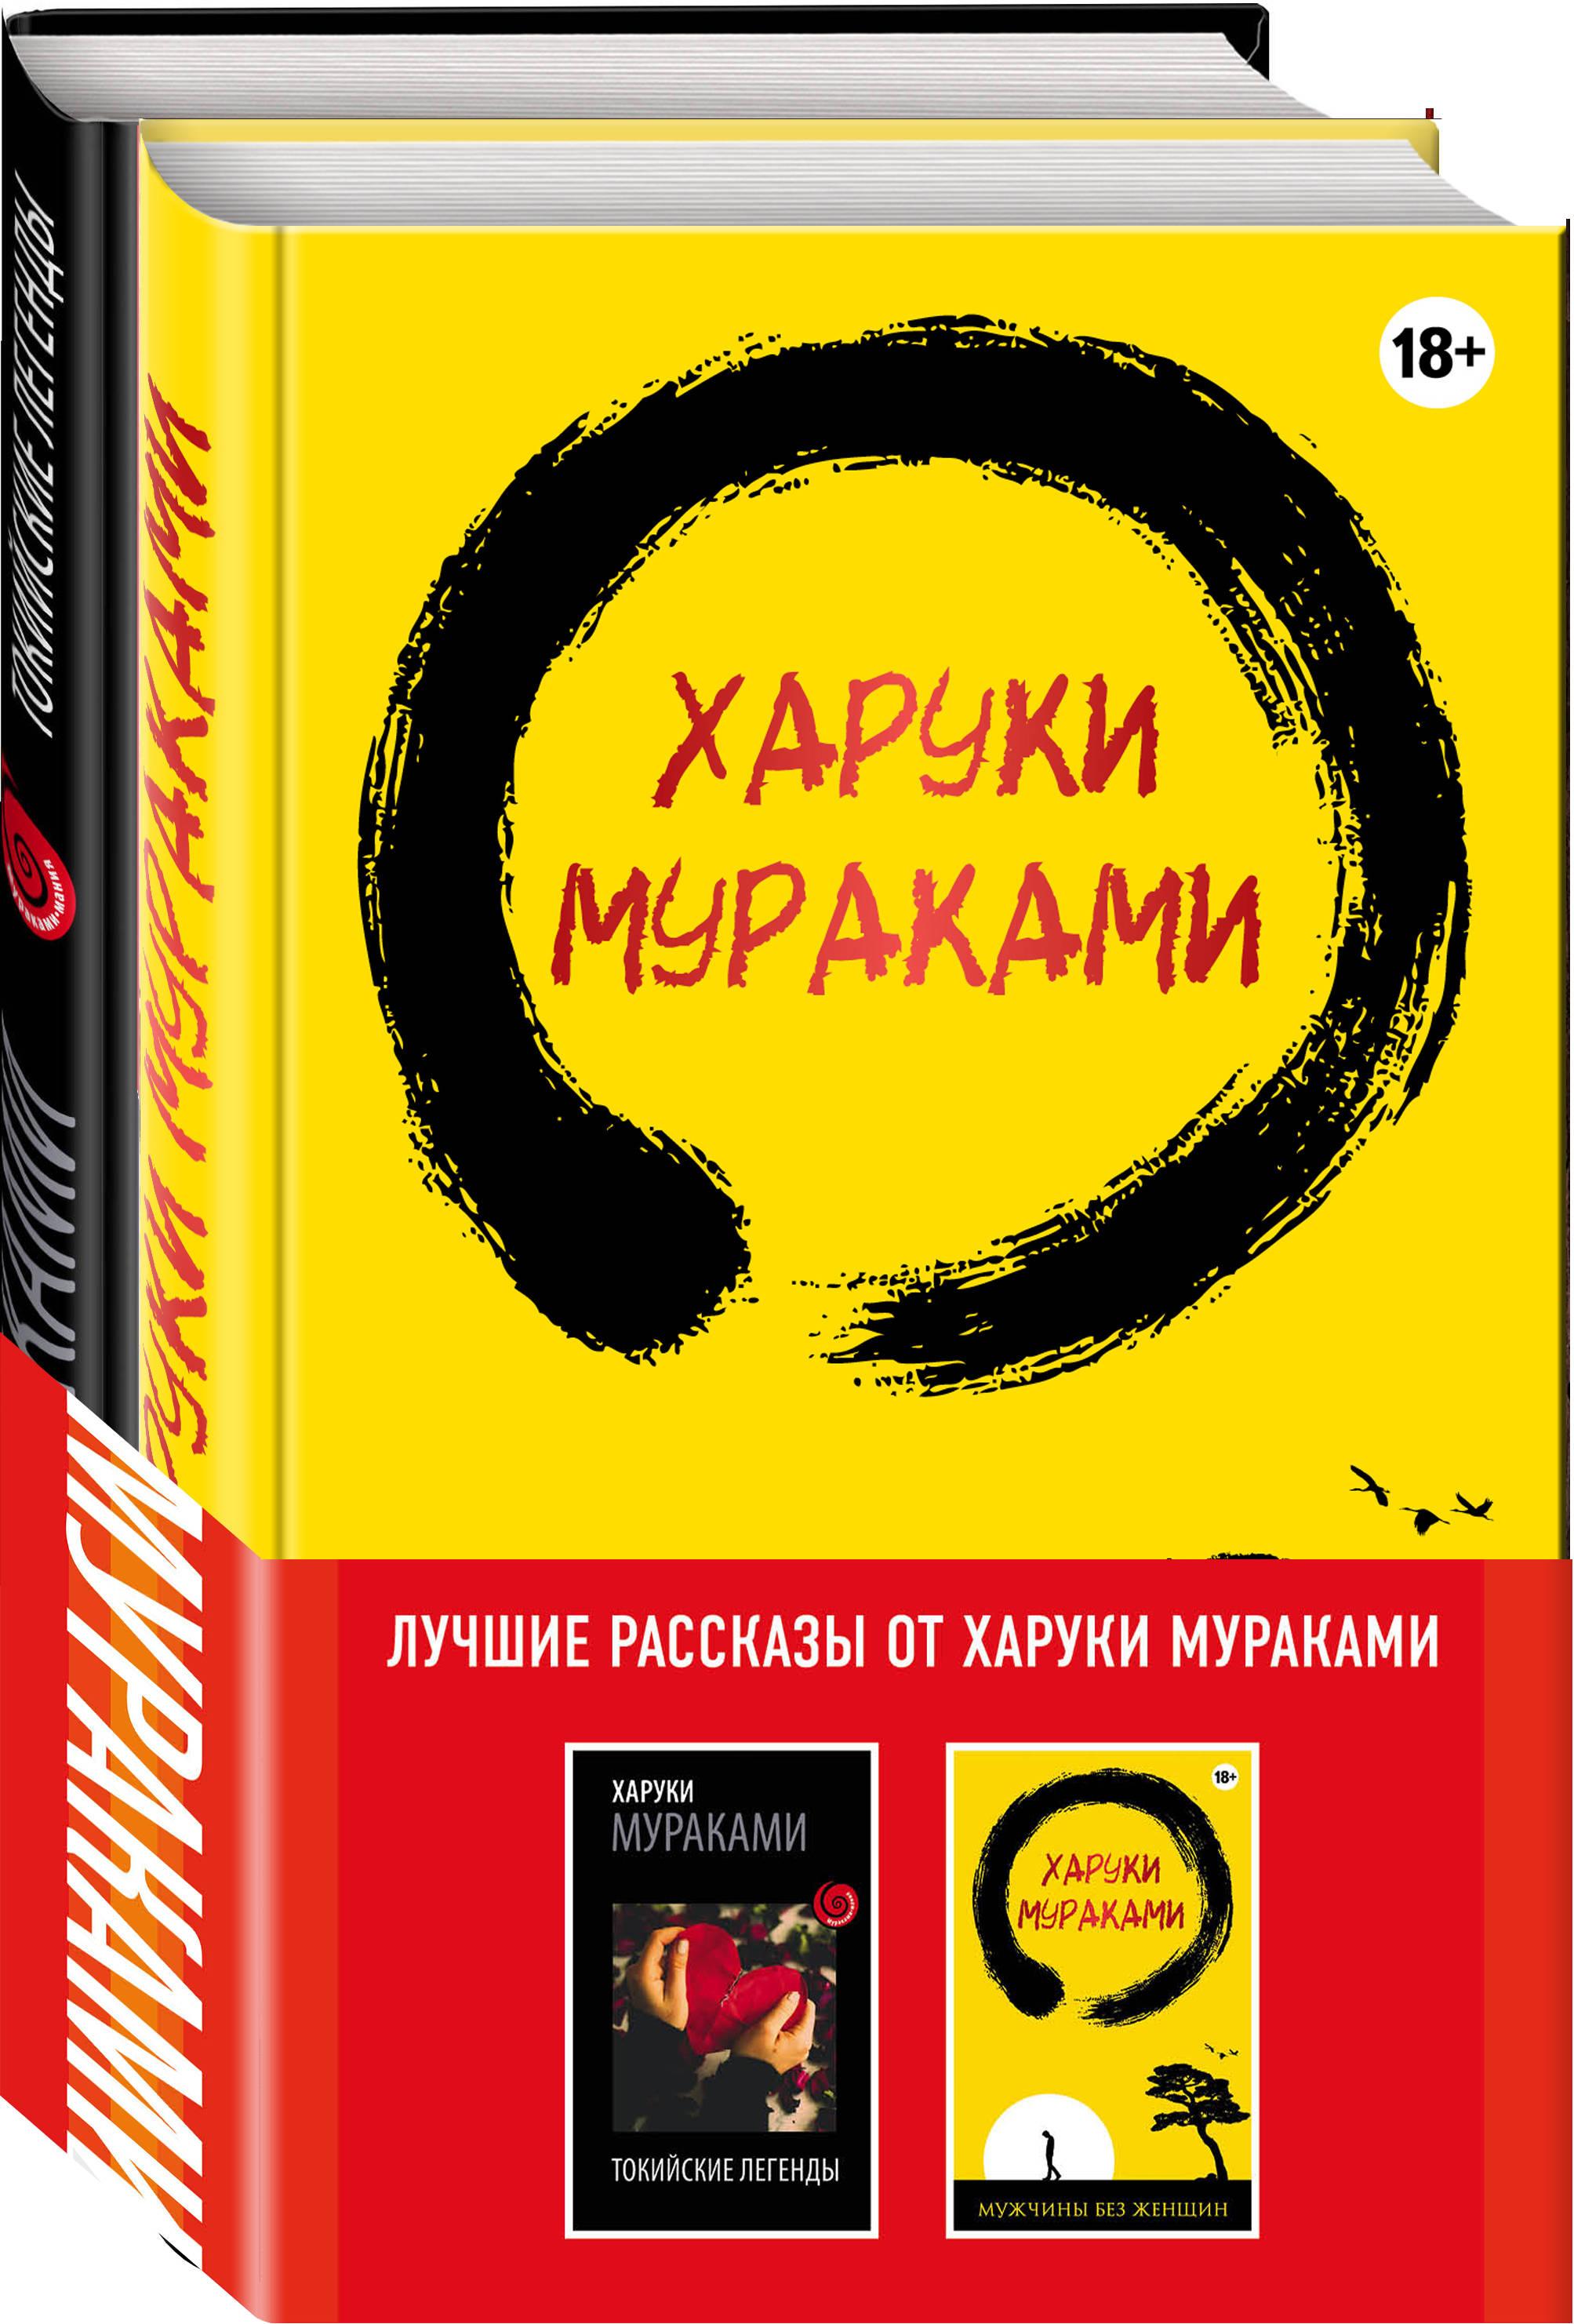 Мураками Х. Лучшие рассказы от Харуки Мураками (комплект из 2 книг) мураками рю японские хиты комплект из 2 х книг